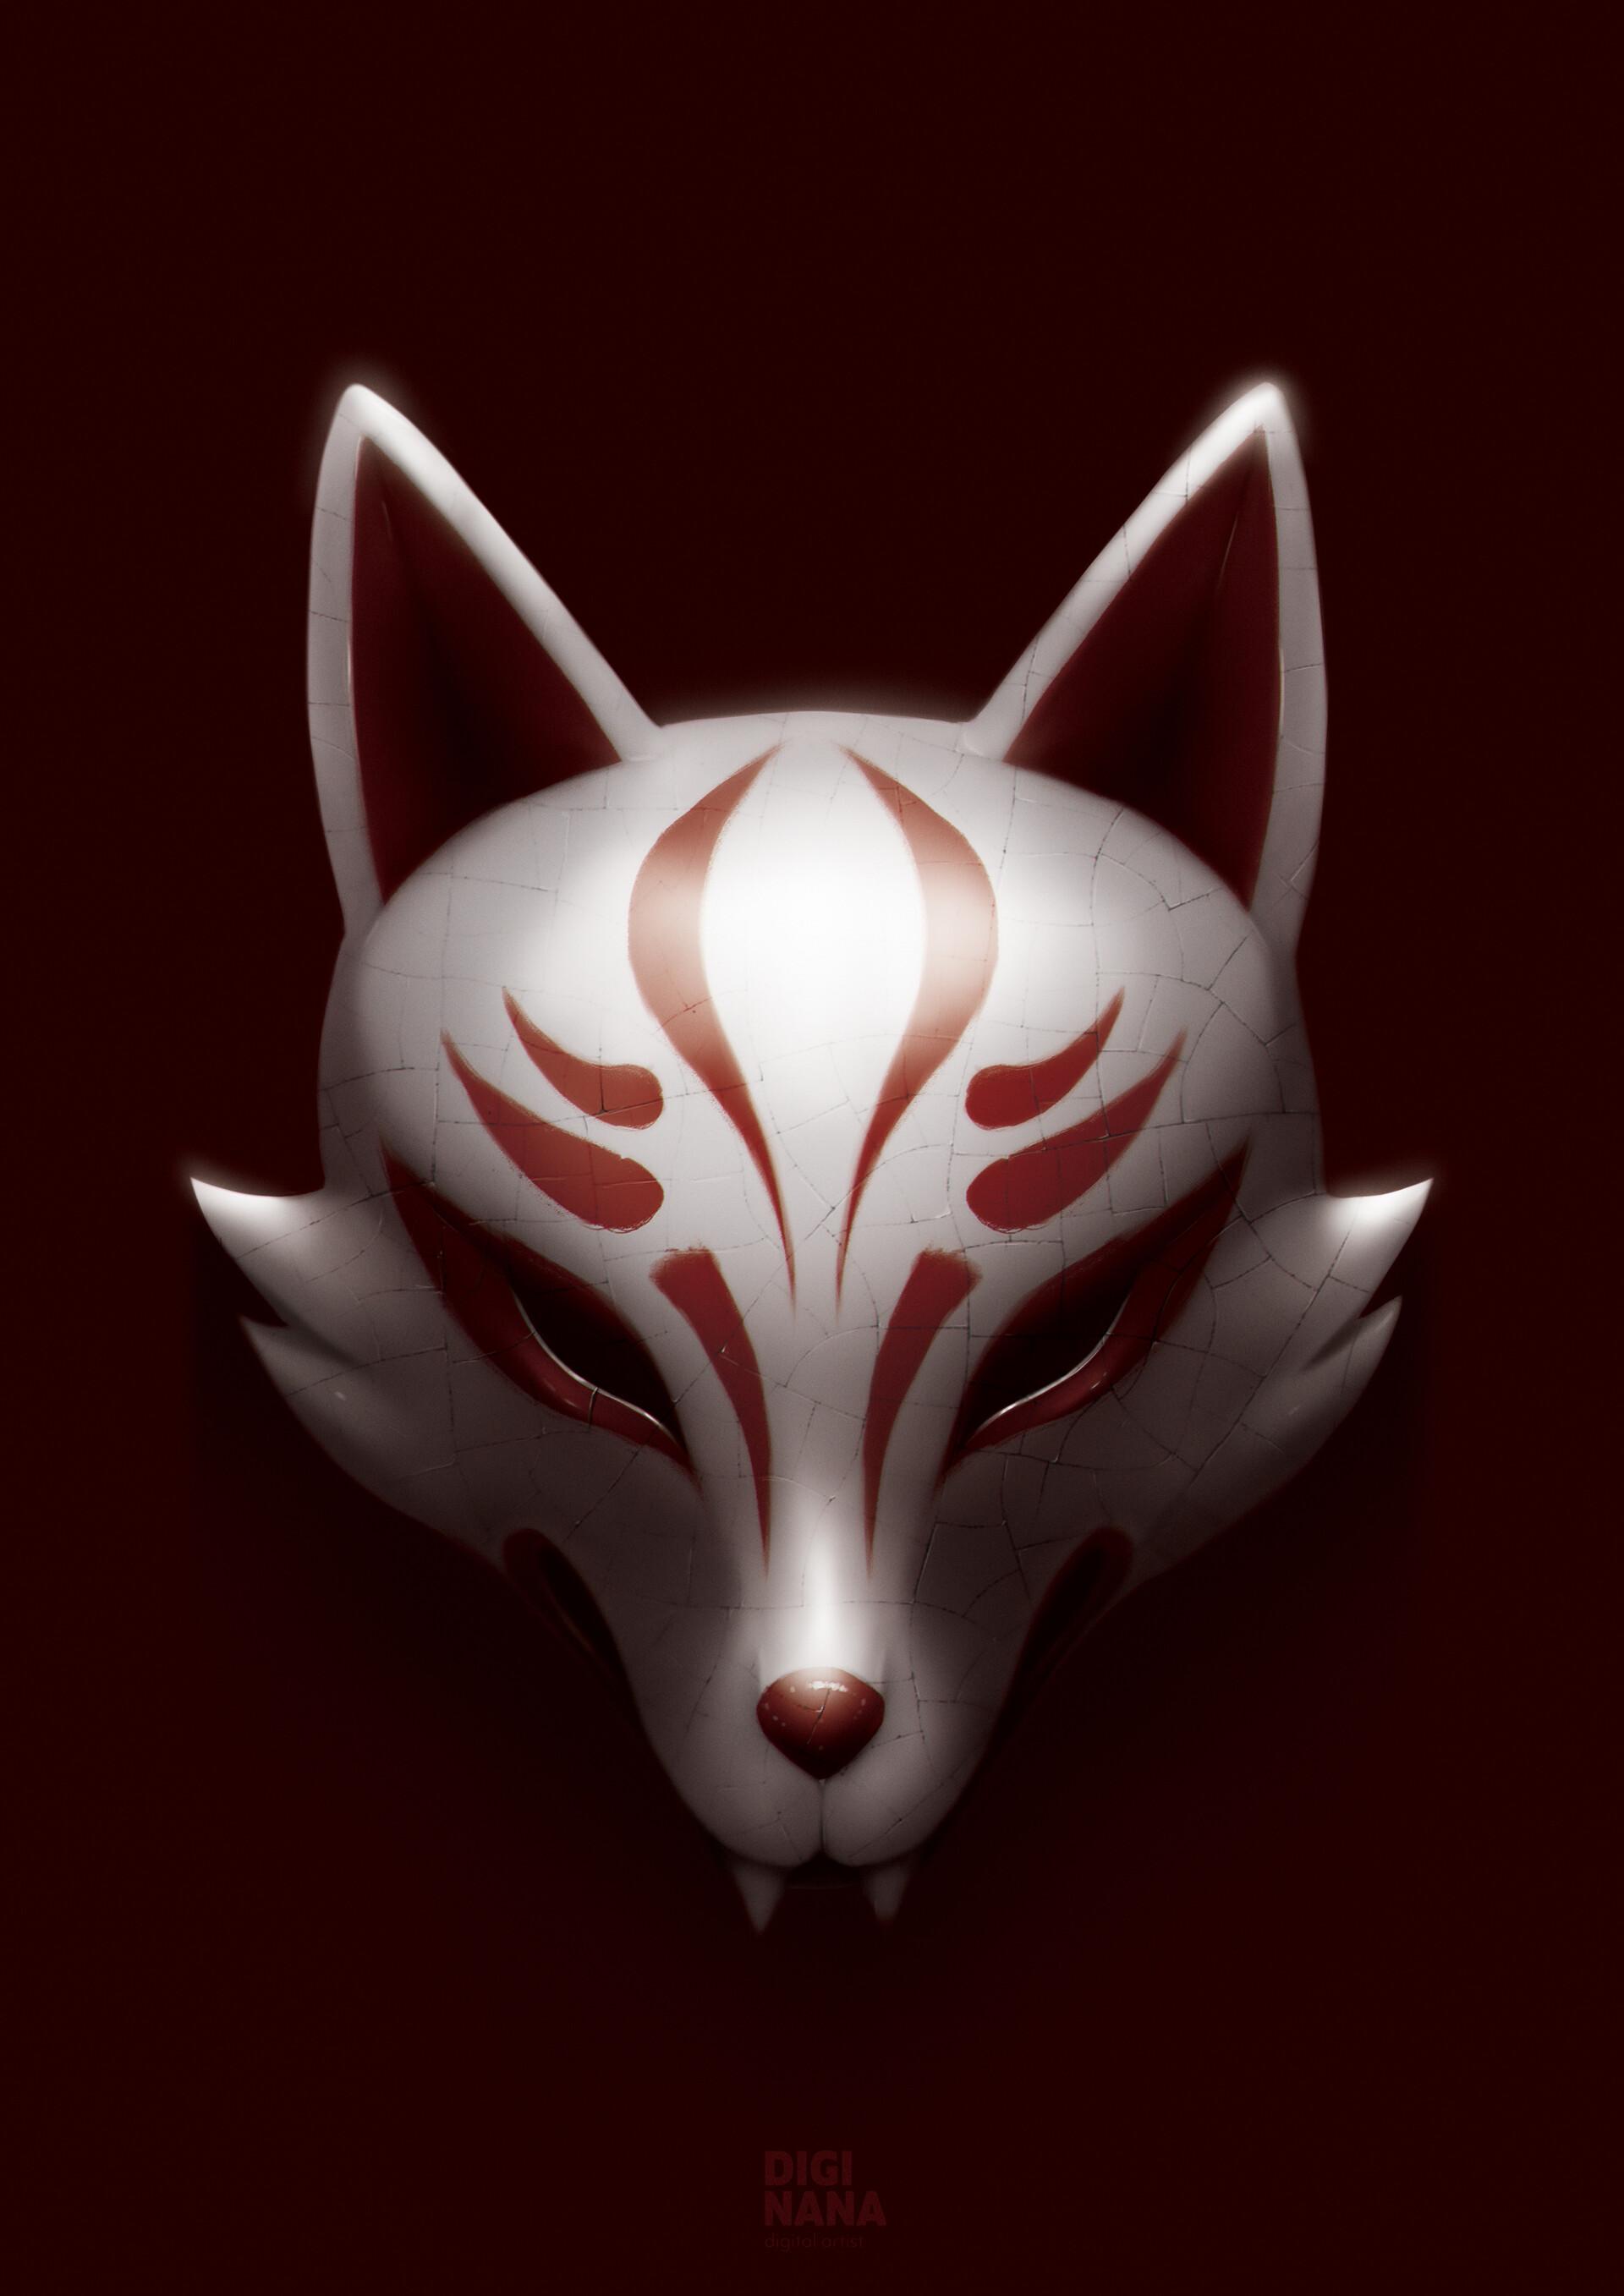 Digi nana kitsune mask